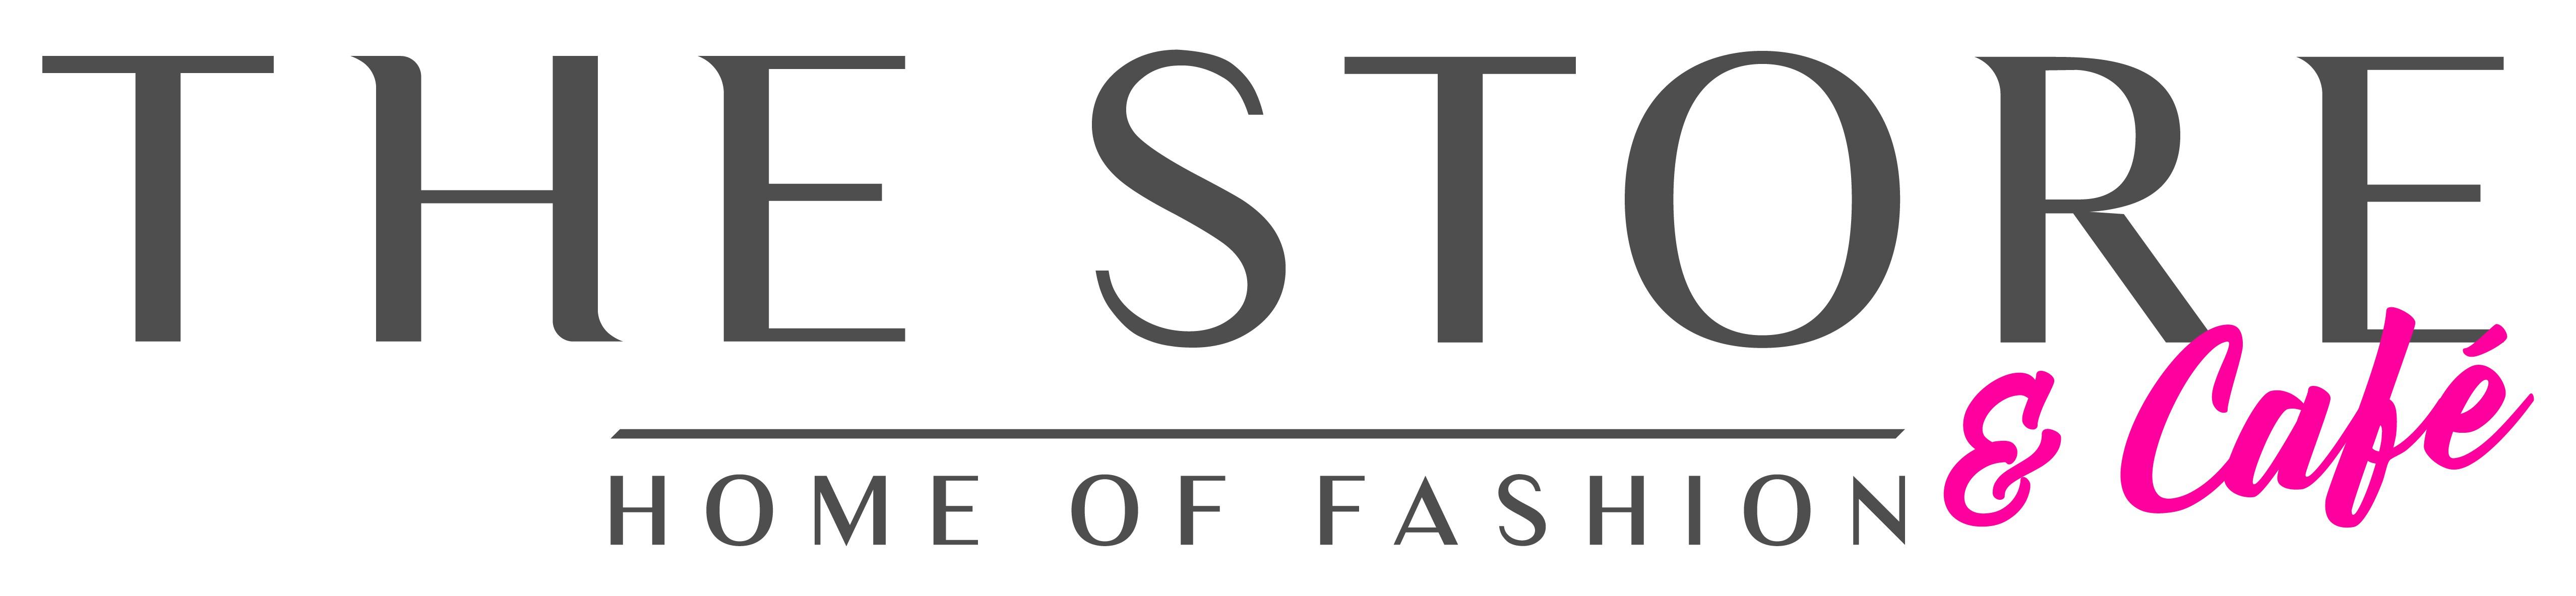 thestore.company Logo ReDesign